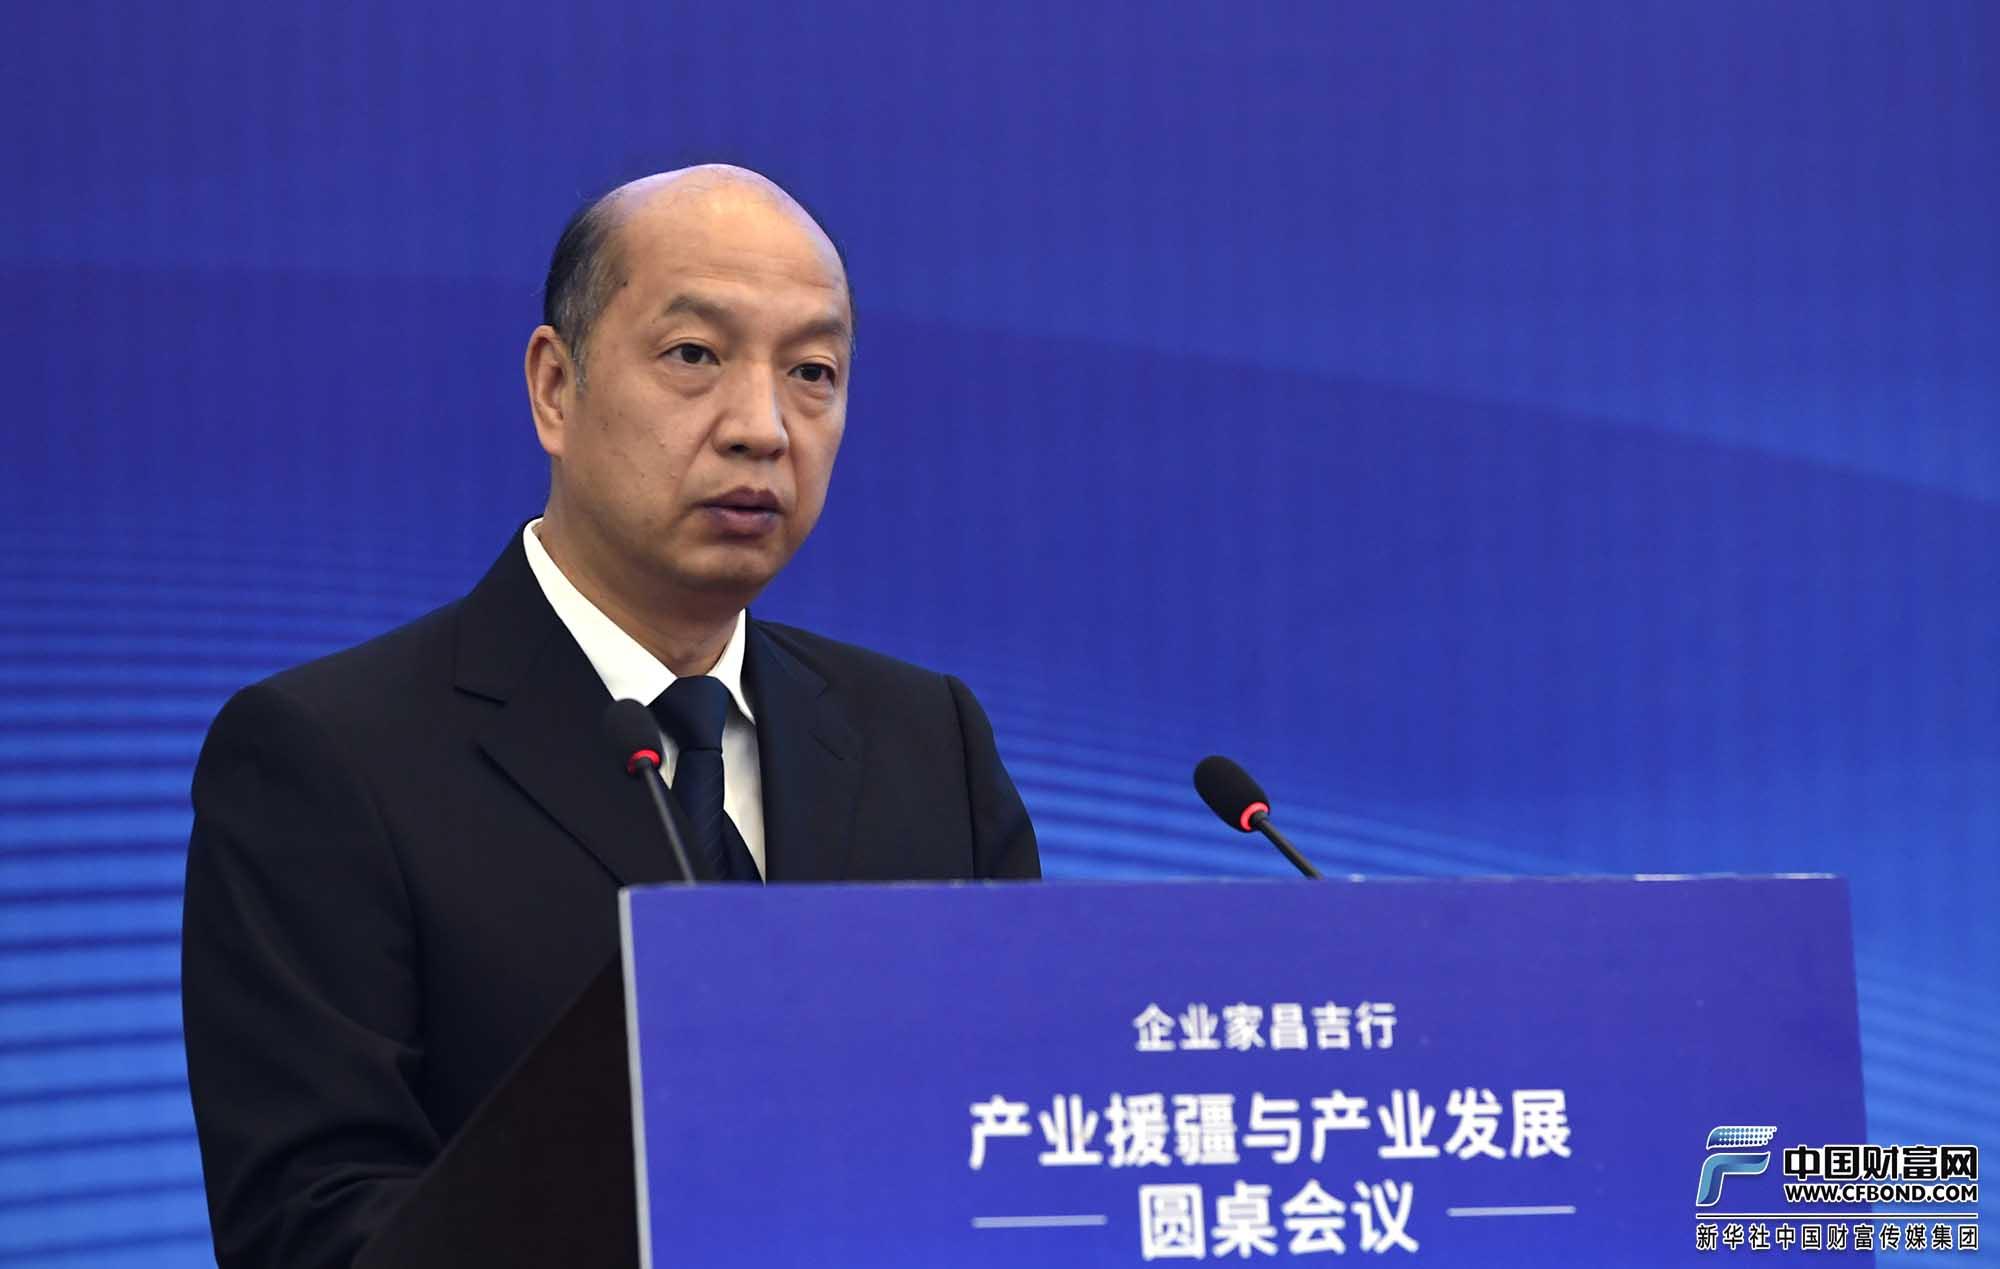 福建省人民政府副省长郑建闽讲话